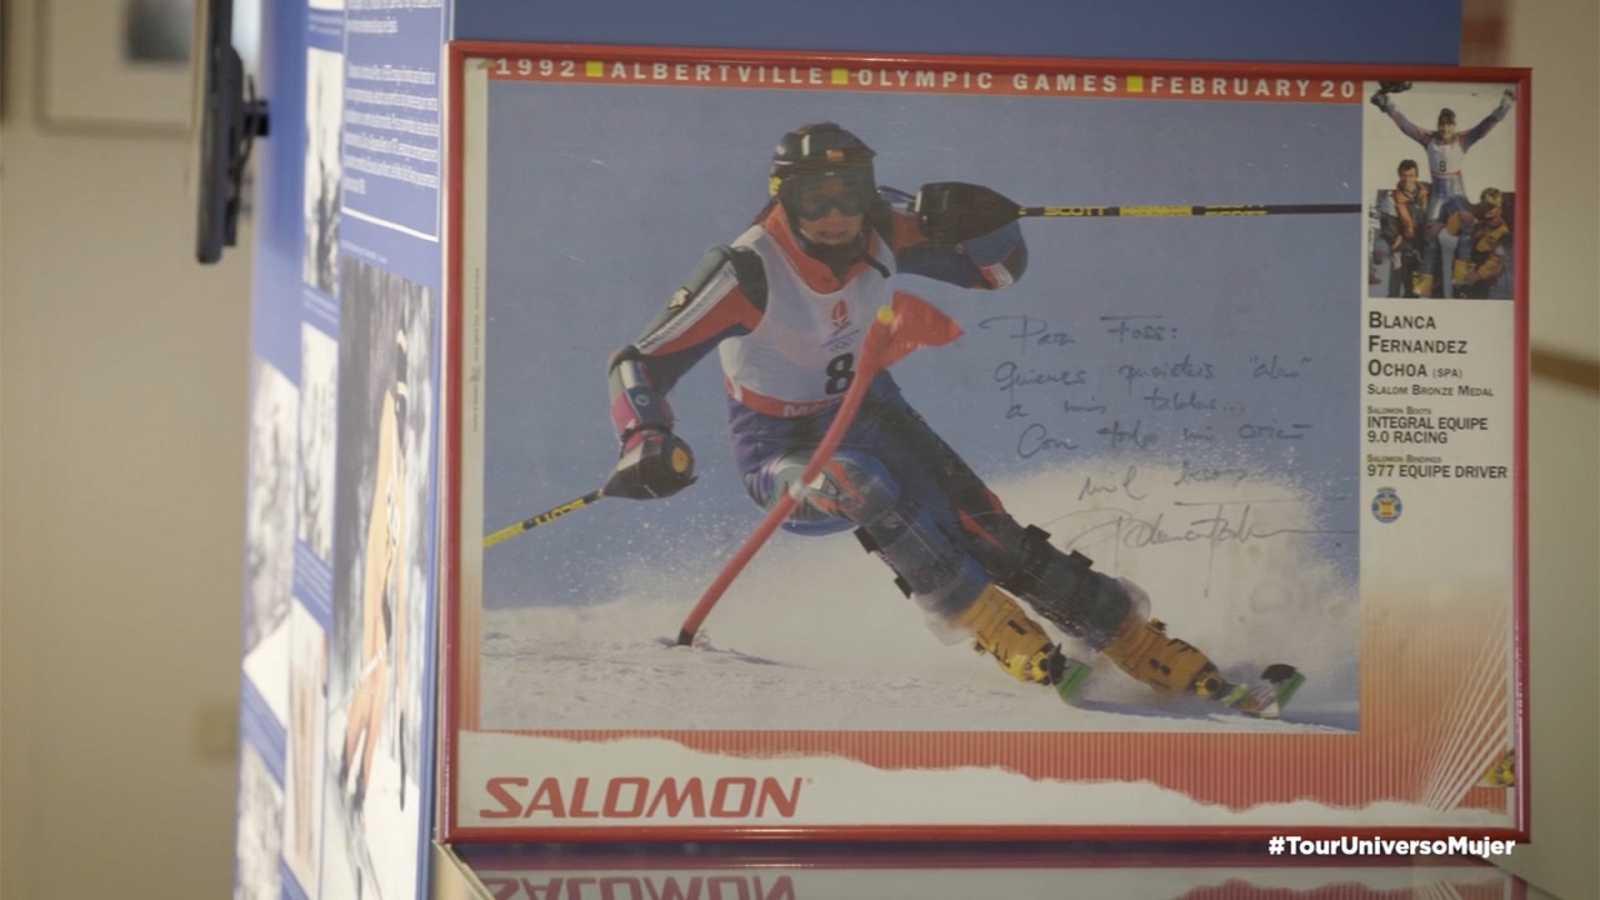 Tour Universo Mujer - Programa 10: Recordando a Blanca F. Ochoa, estrella y pionera del esquí - ver ahora